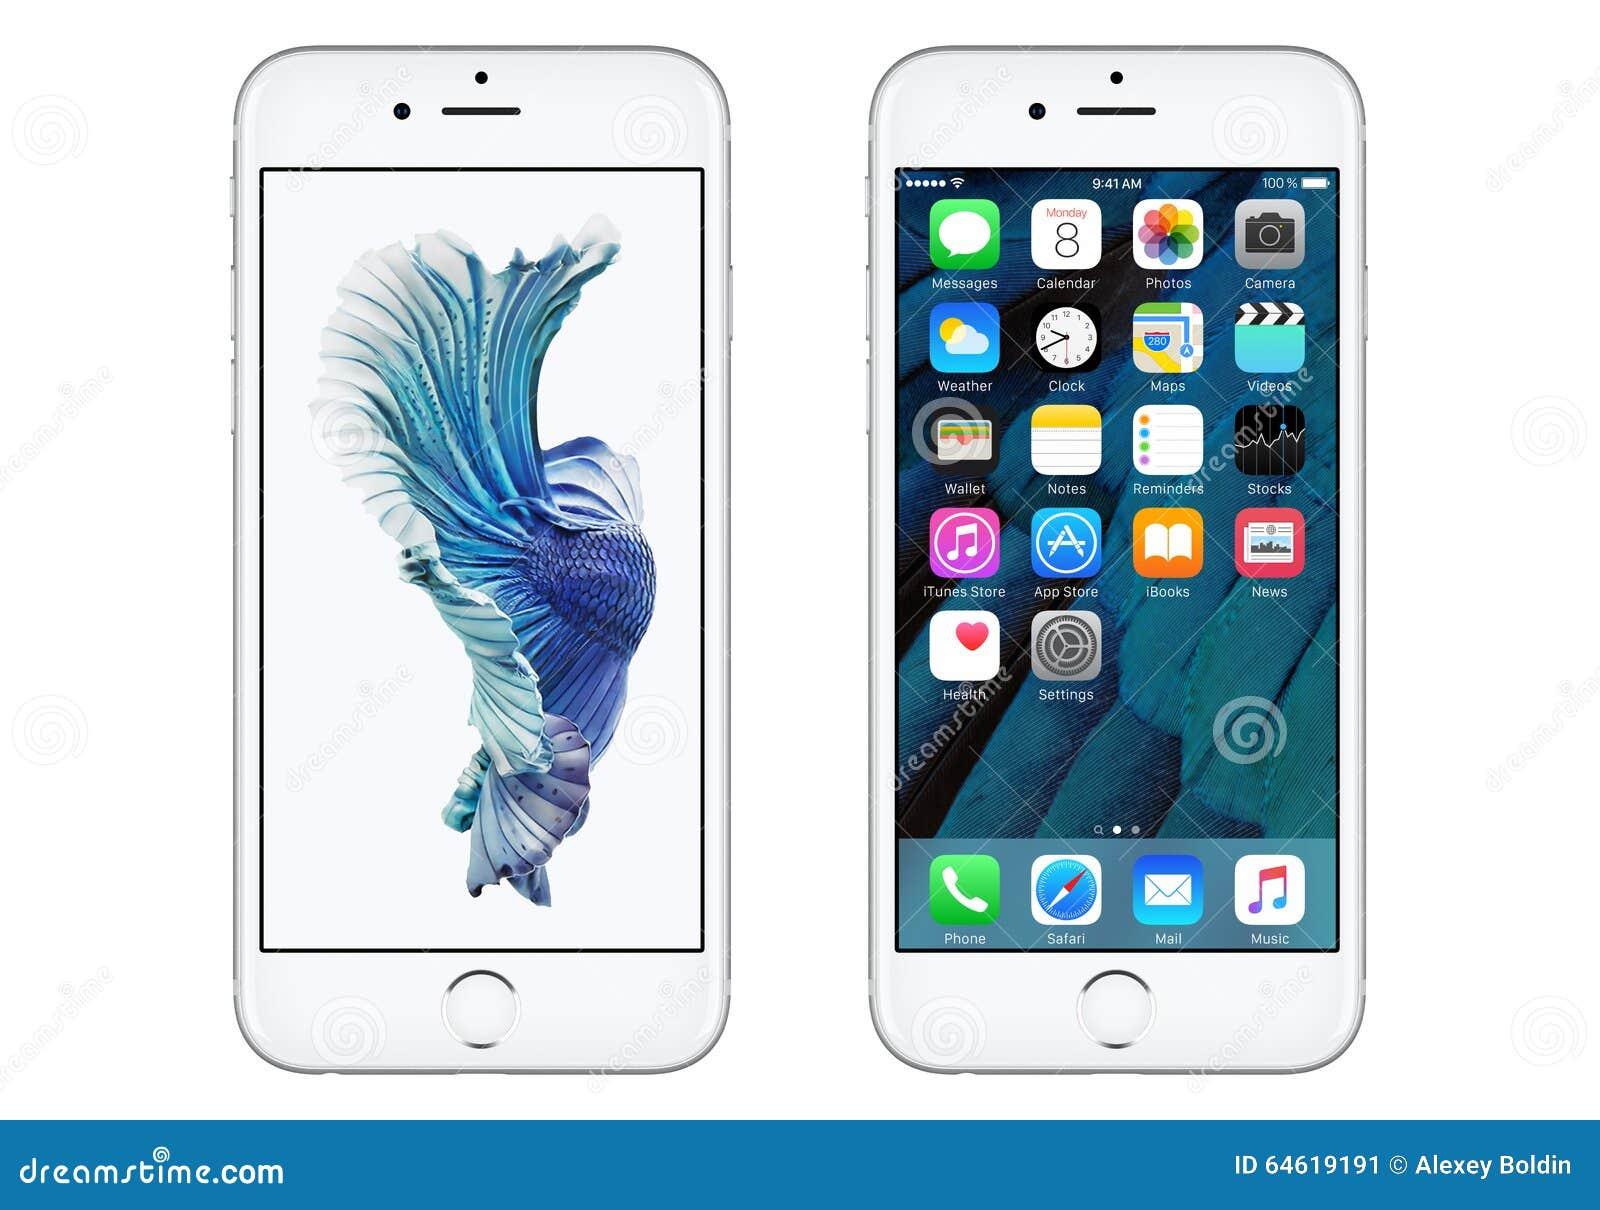 Iphone 6s Stock Wallpaper